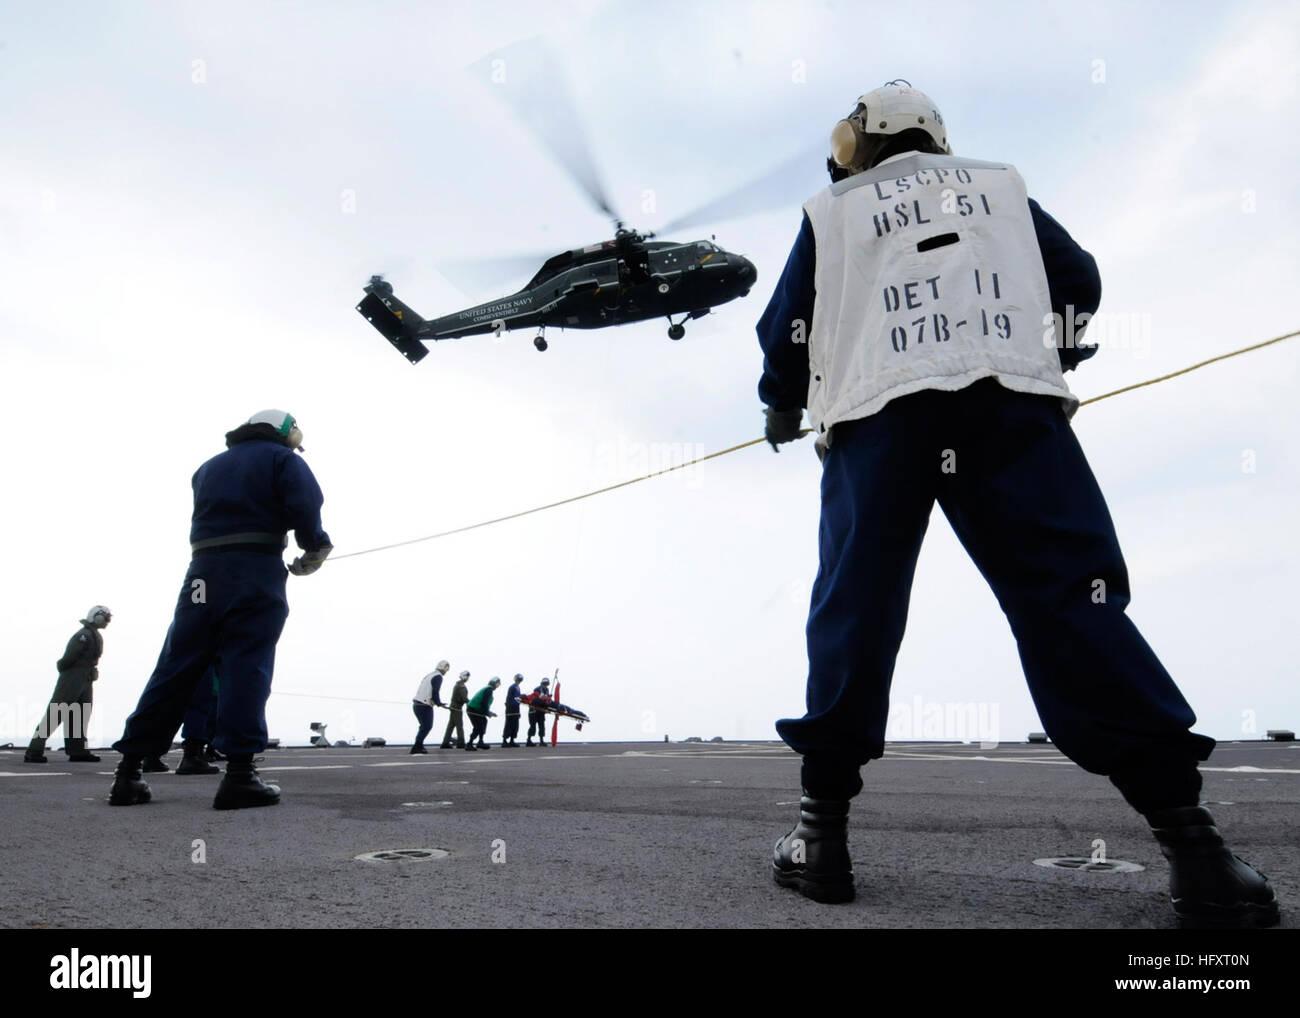 Fantastisch Uns Marine Reserve Stichprobe Zeitgenössisch - Entry ...